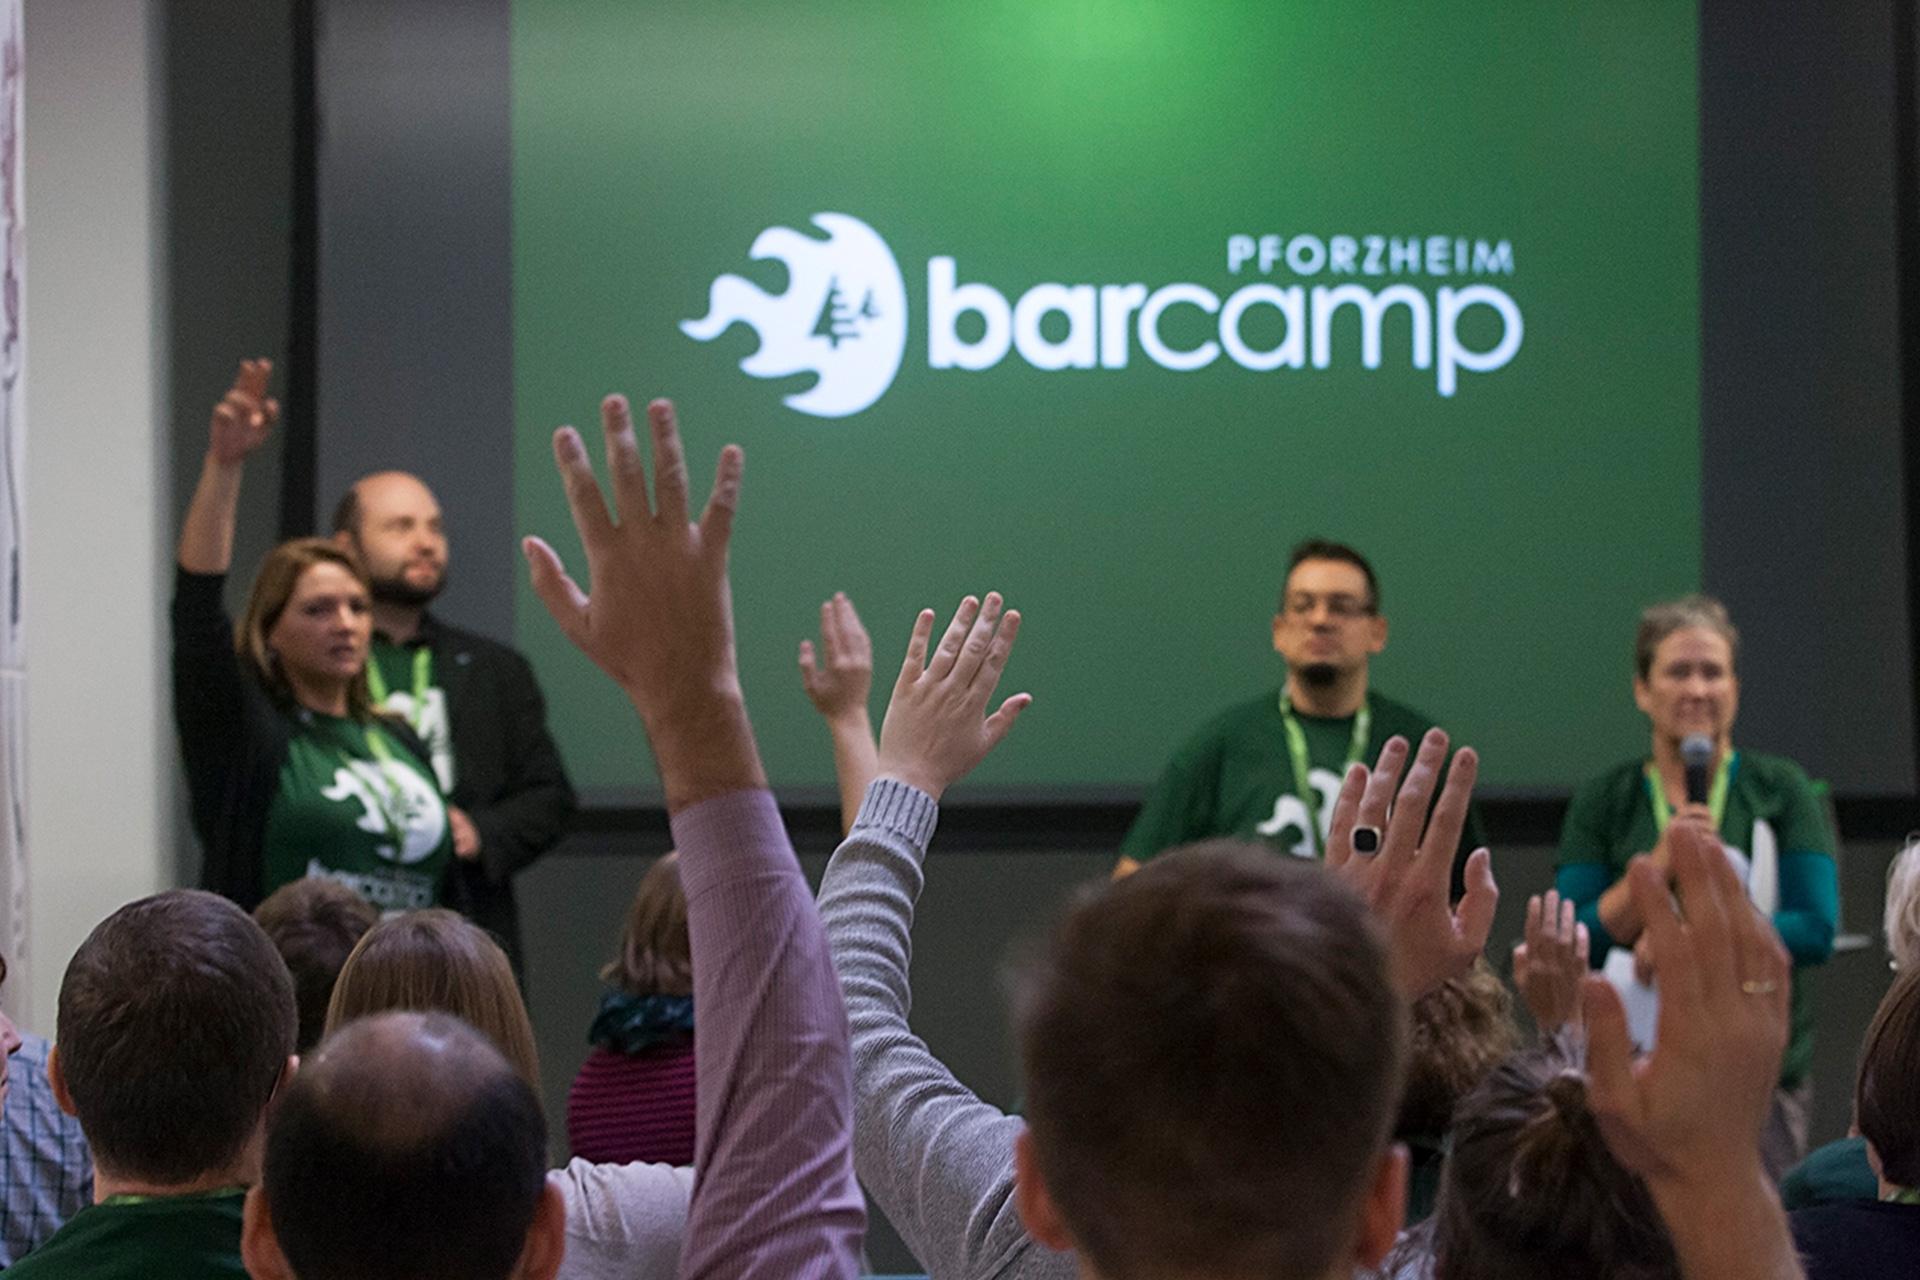 BarCamp Pforzheim